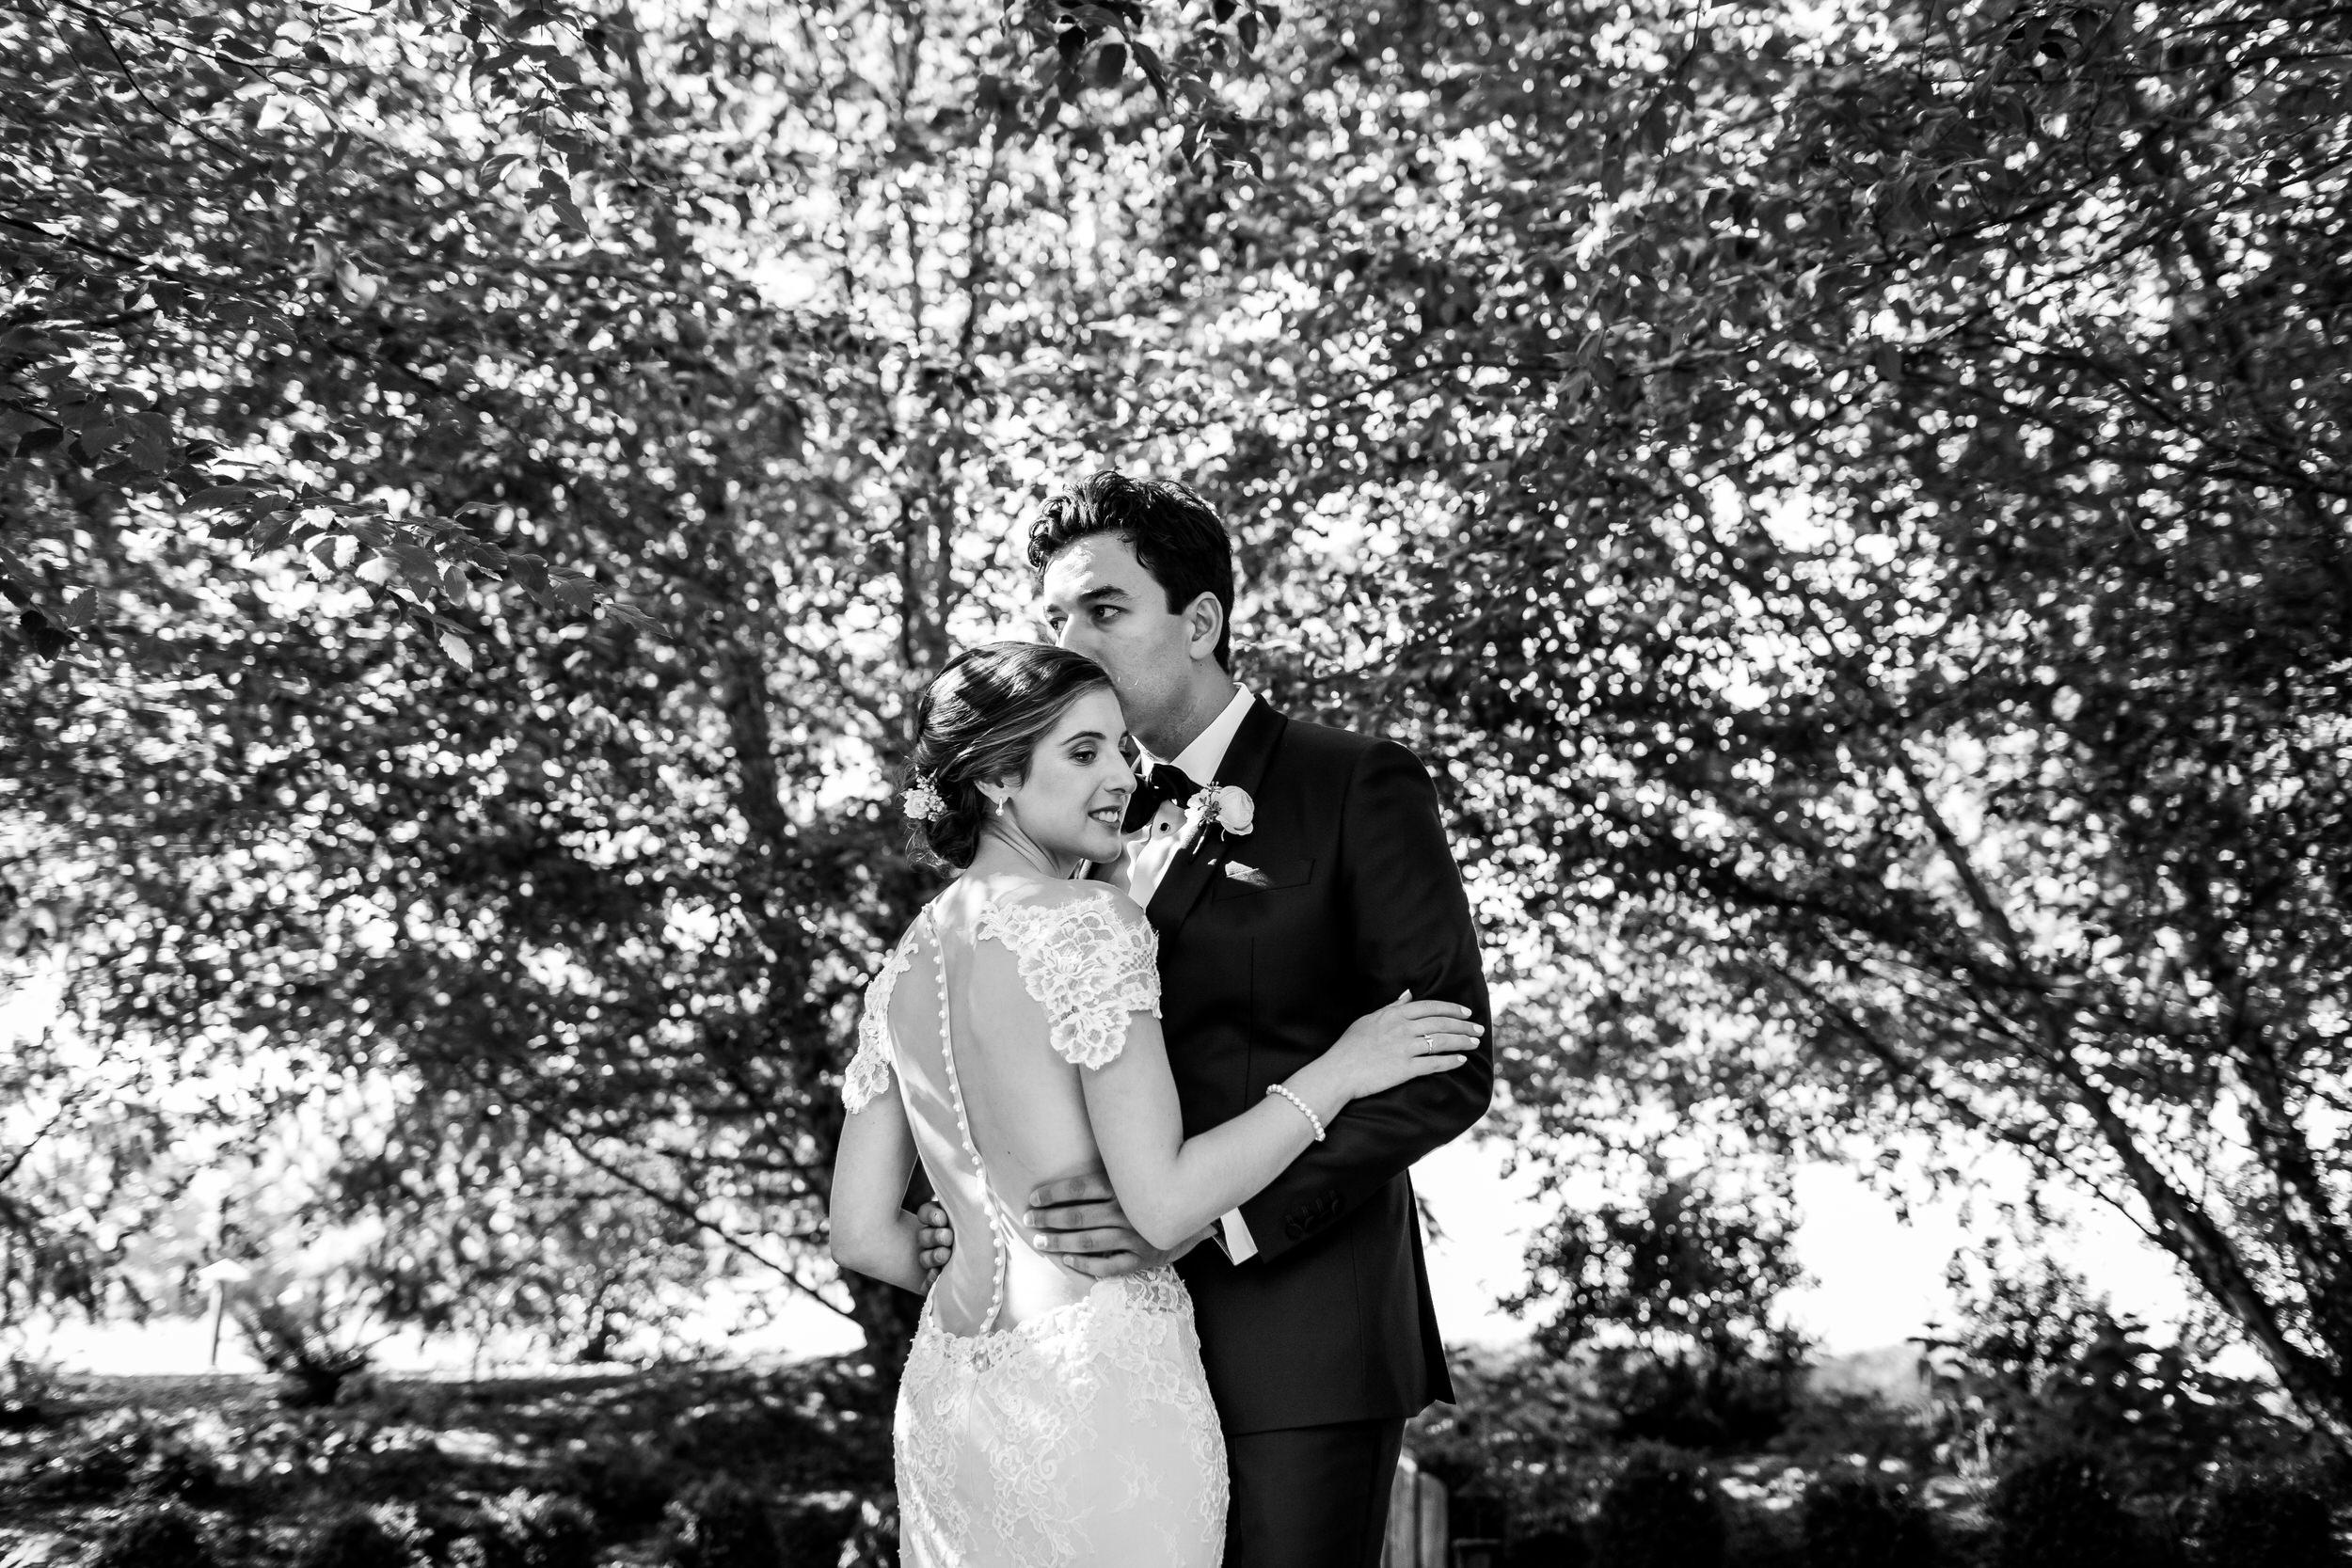 jake_marisa_allison_inn_wedding_starkphotography_014